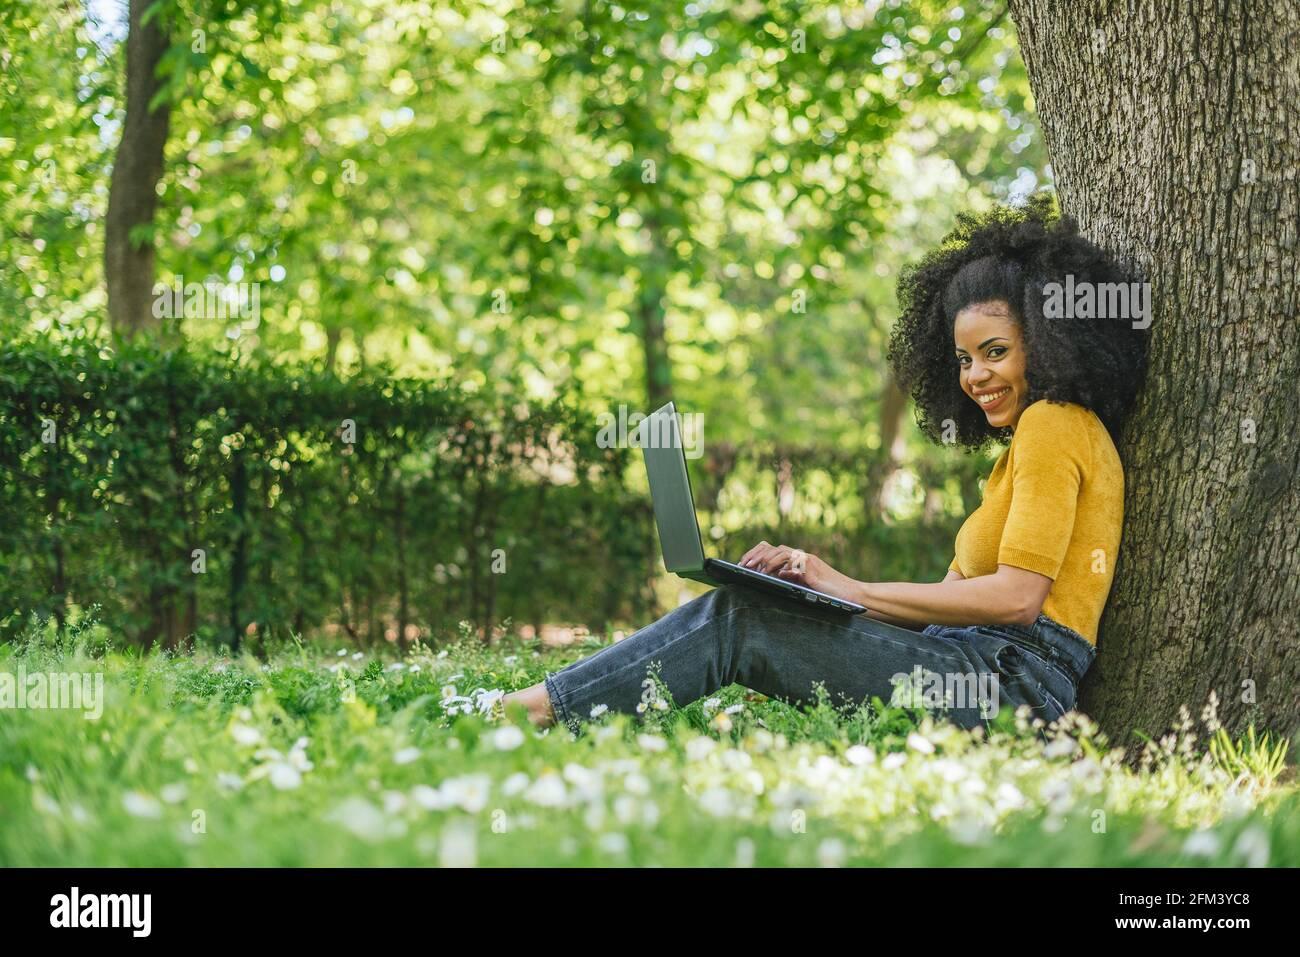 Mujer afro hermosa y feliz mecanografiando en un ordenador portátil en un jardín. Foto de stock